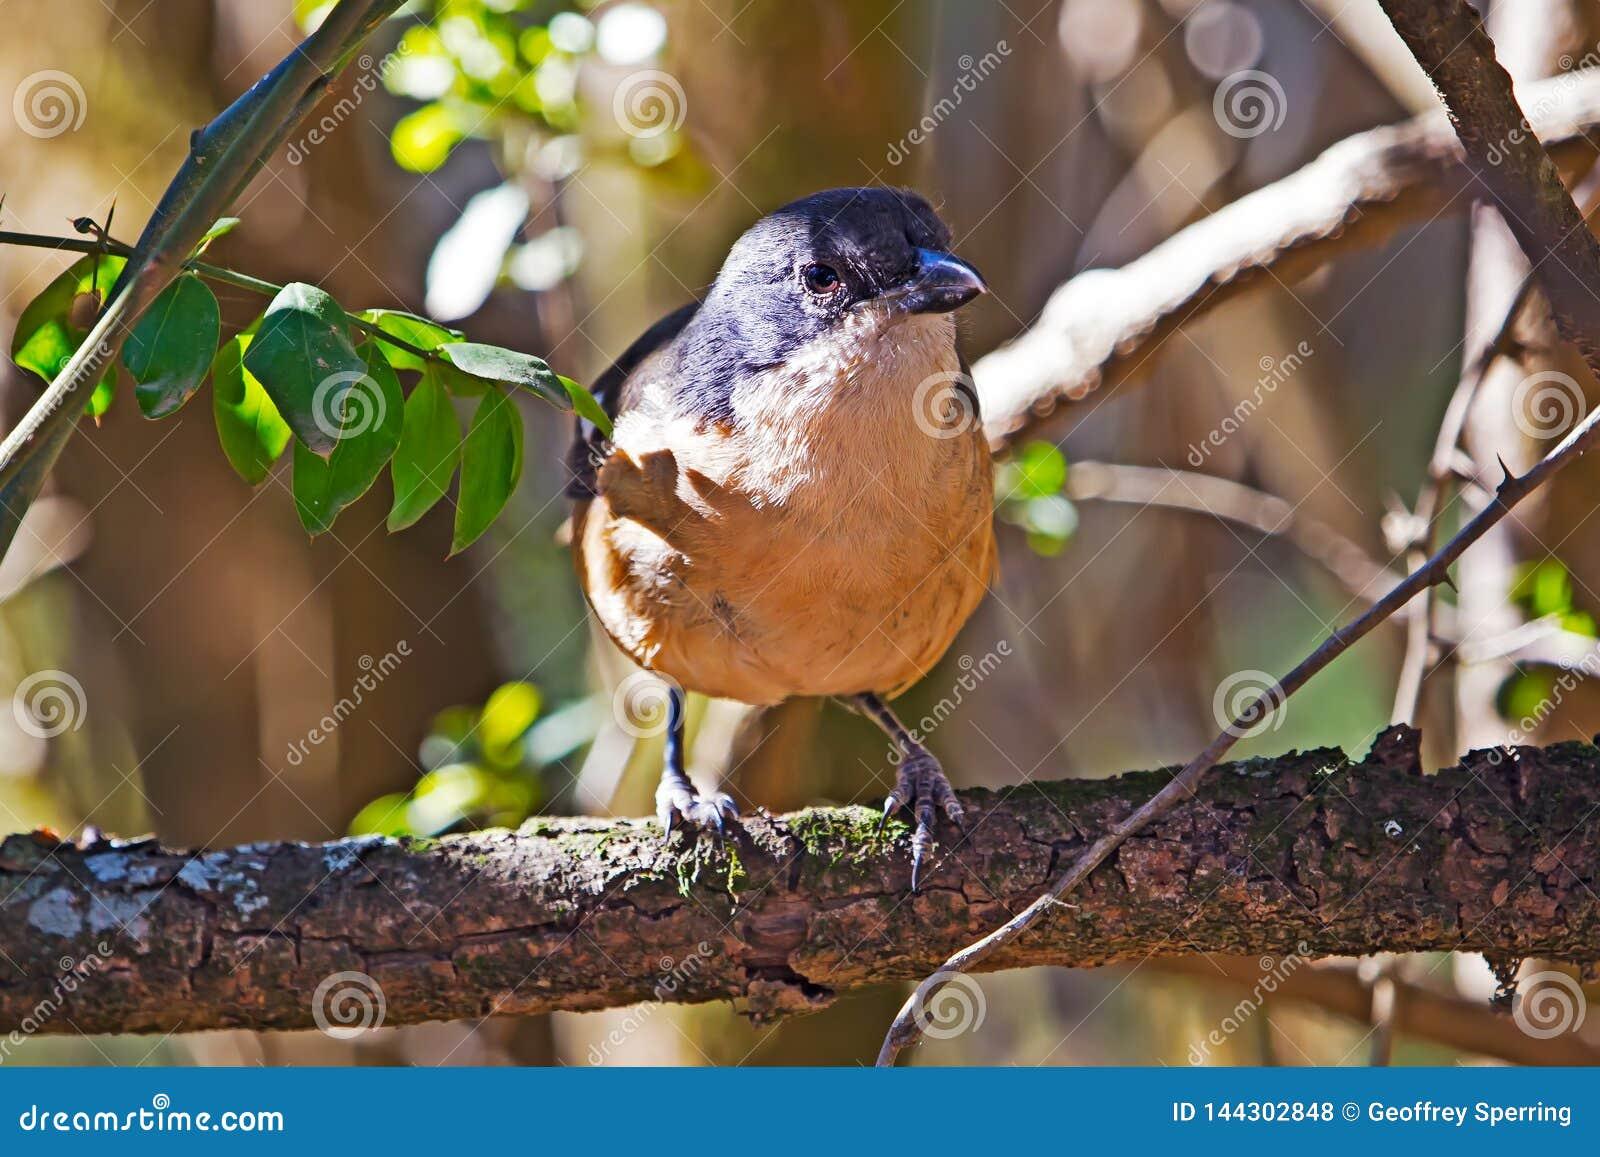 Oiseau fiscal commun de pie-grièche été perché sur la branche d arbre